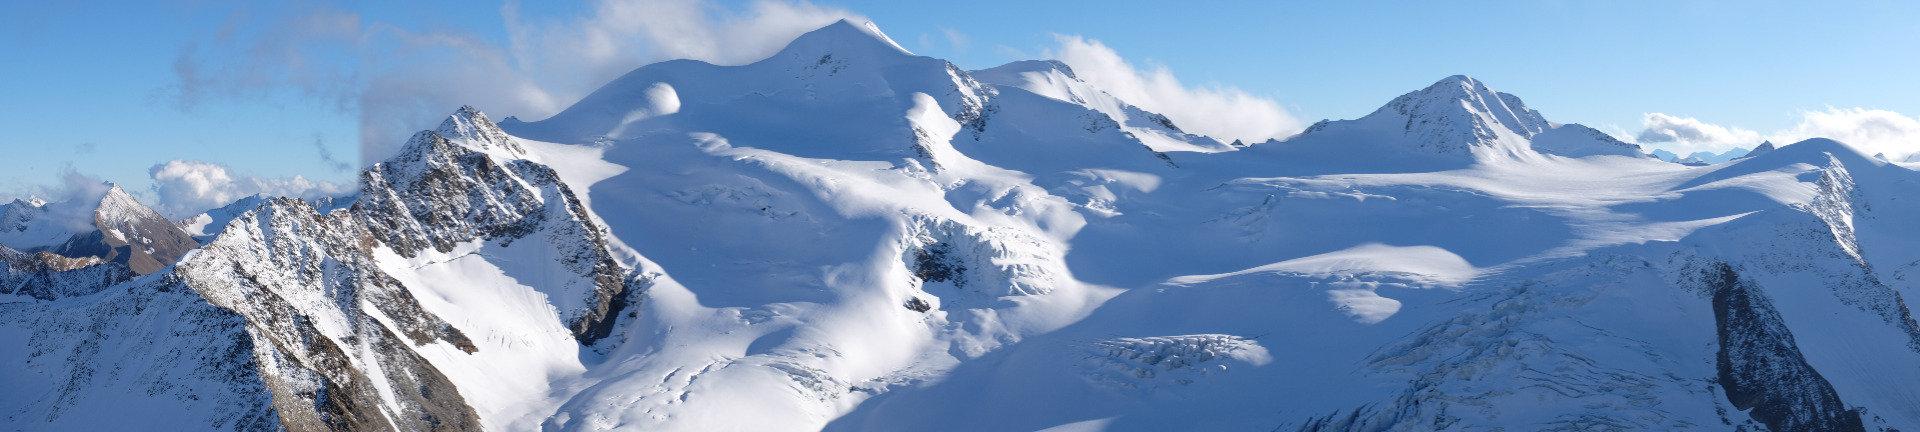 Ausblick vom höchsten Punkt des Pitztaler Gletschers - © Skiinfo